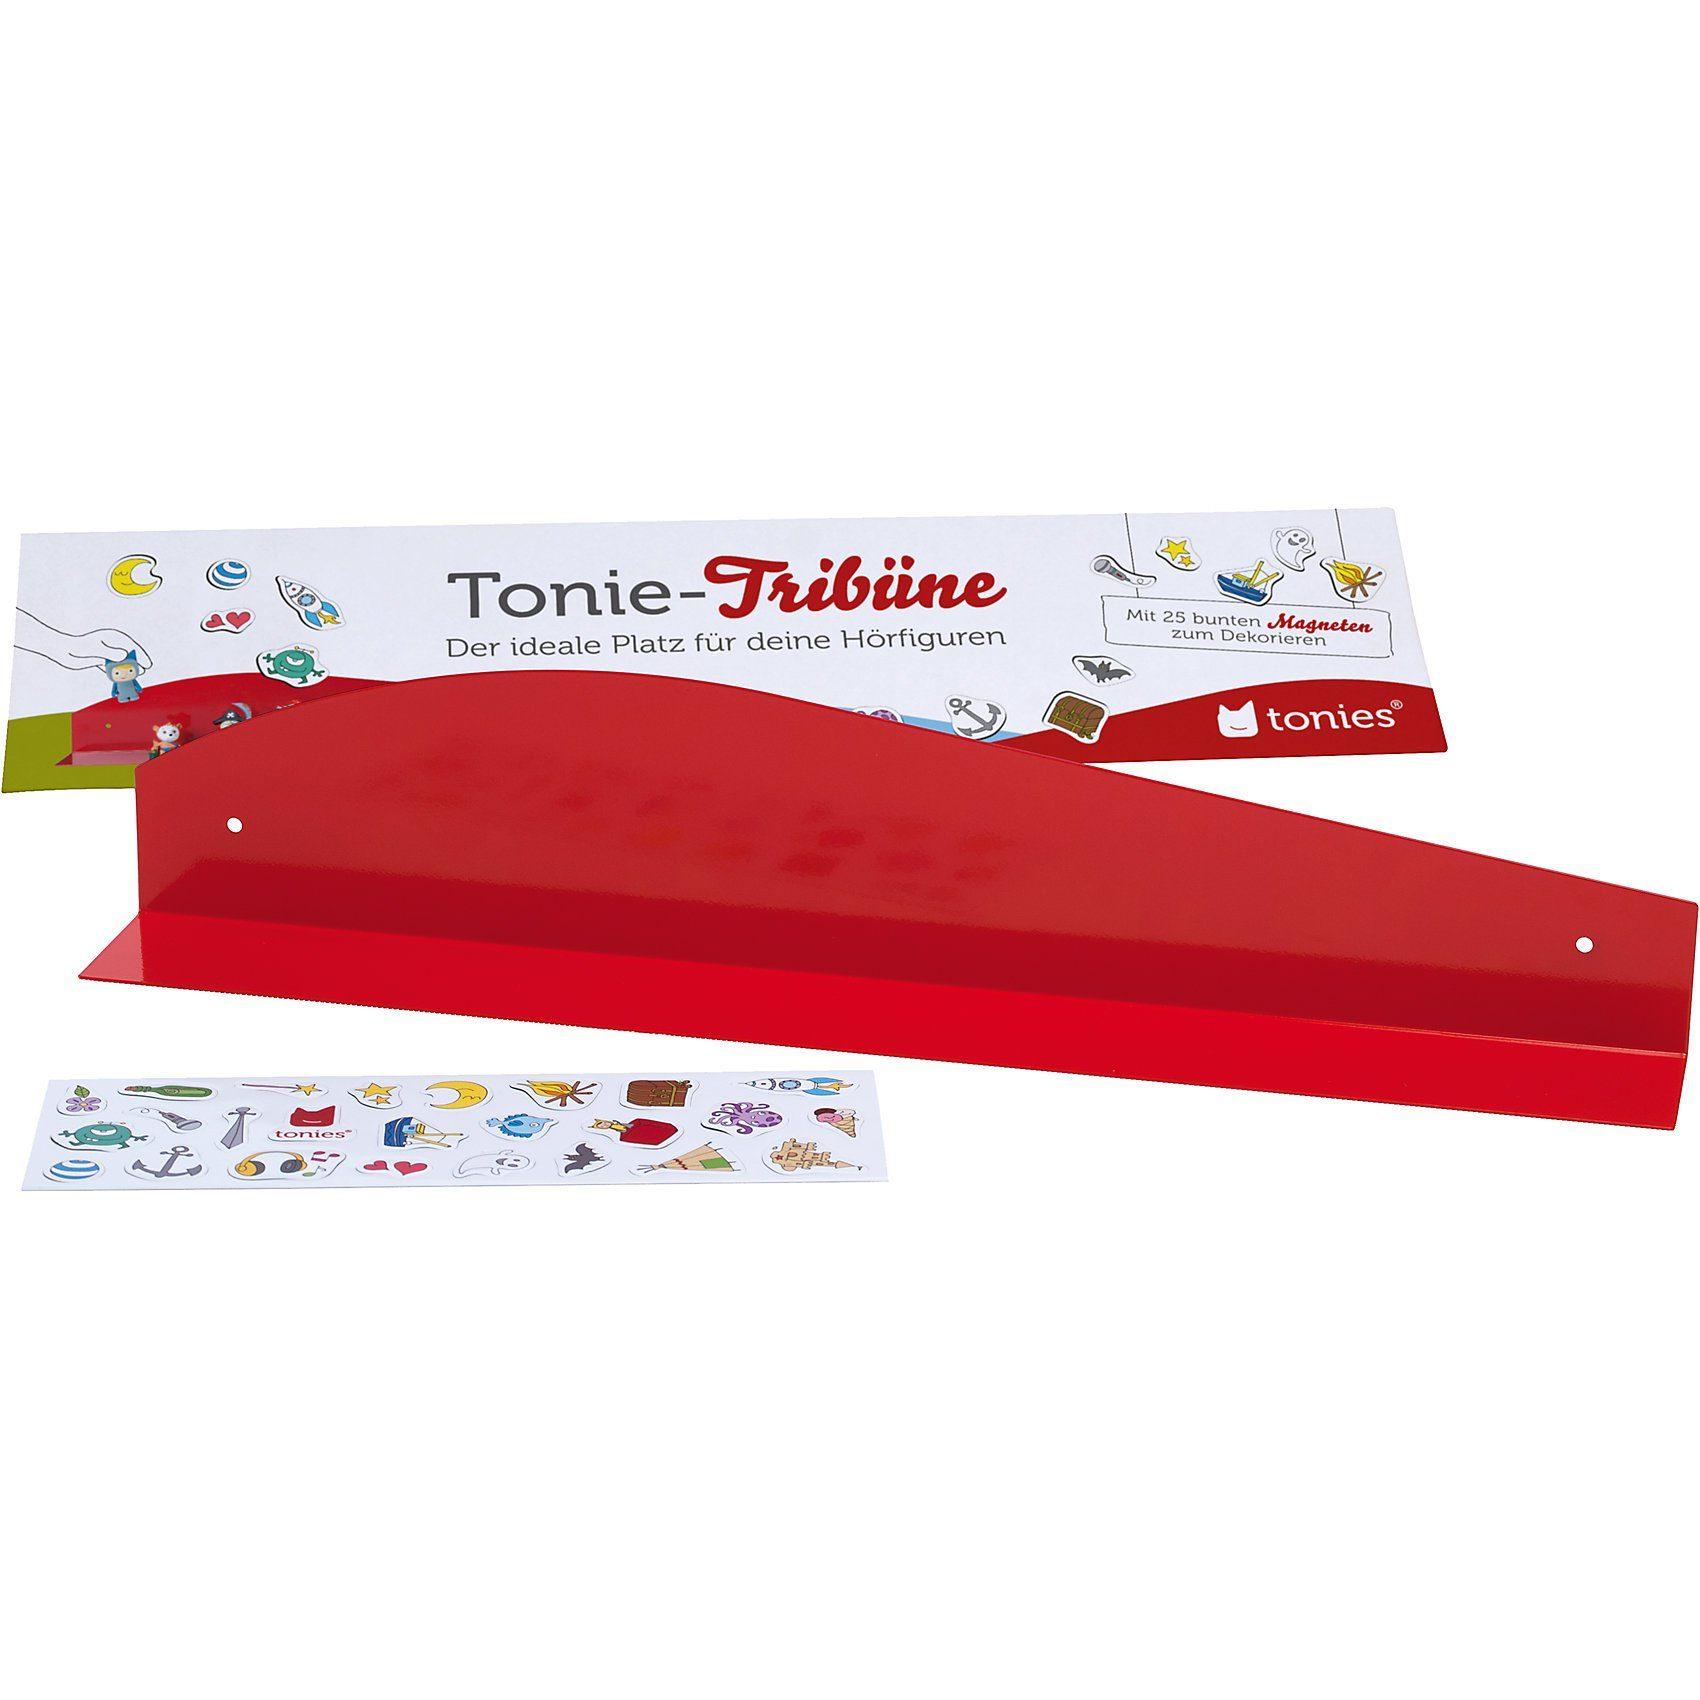 tonies - Tribüne, rot